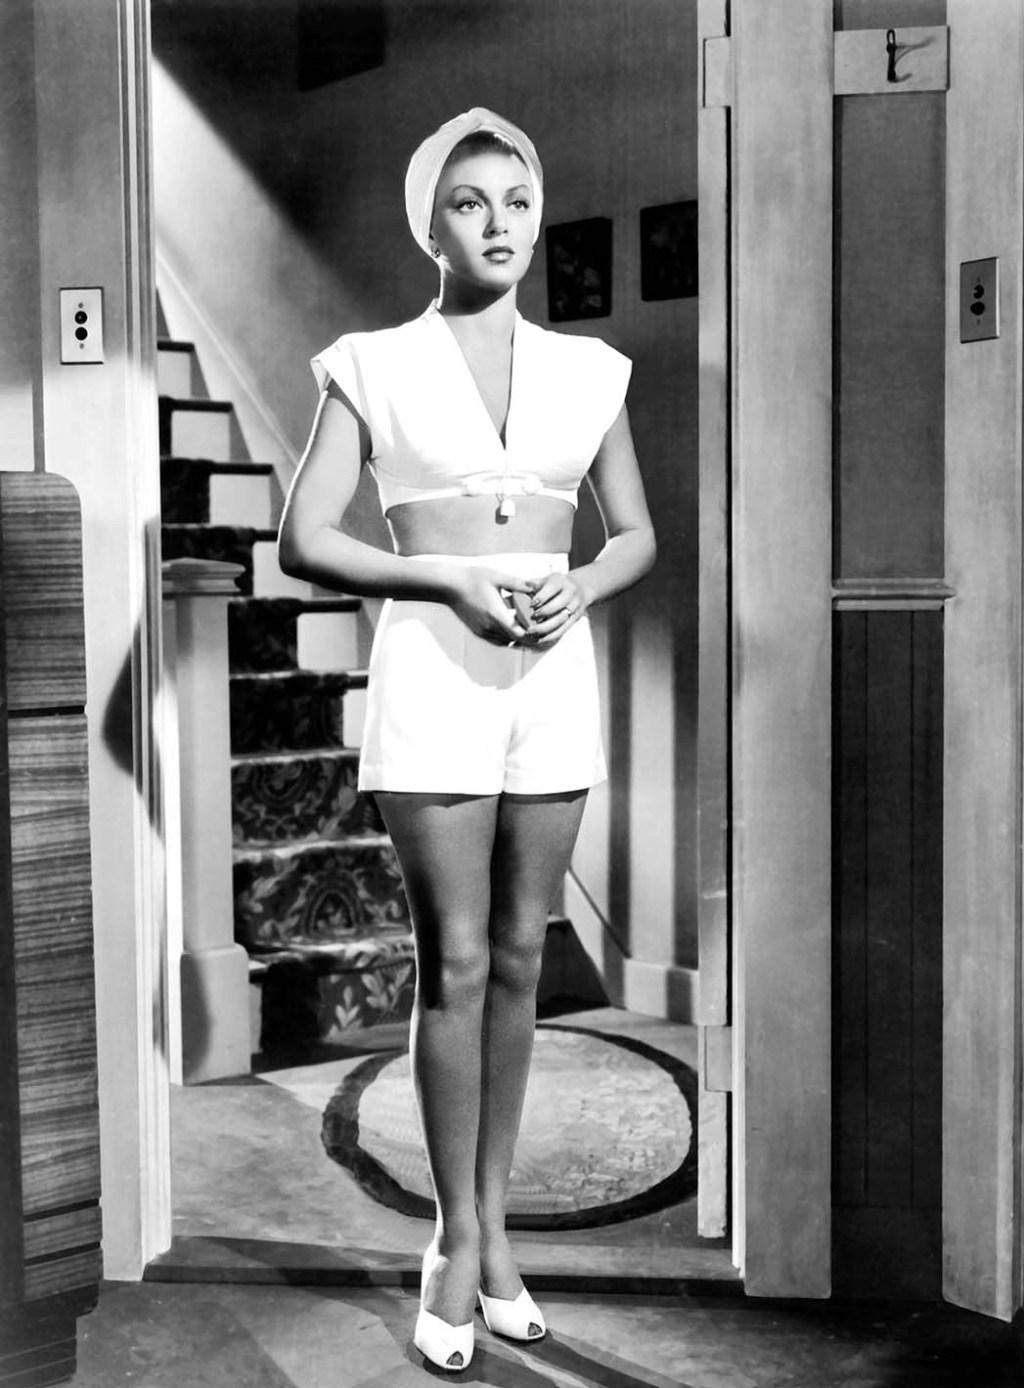 Lana Turner in 'The Postman Always Rings Twice'